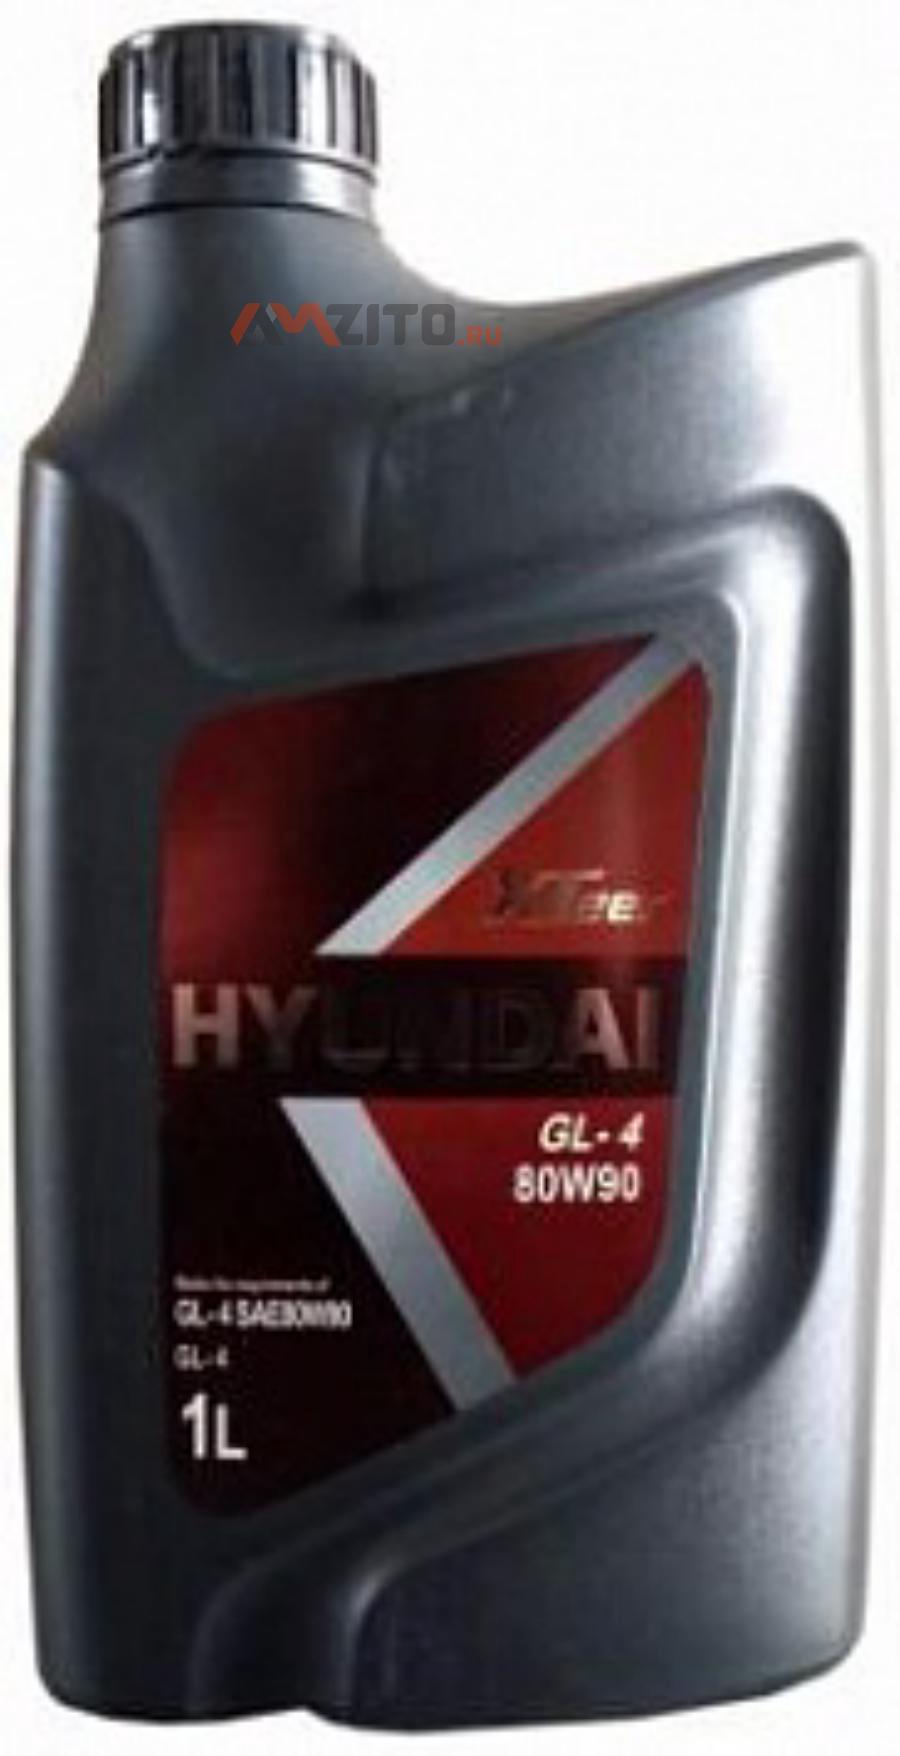 HYUNDAI XTeer GL-4 80W-90